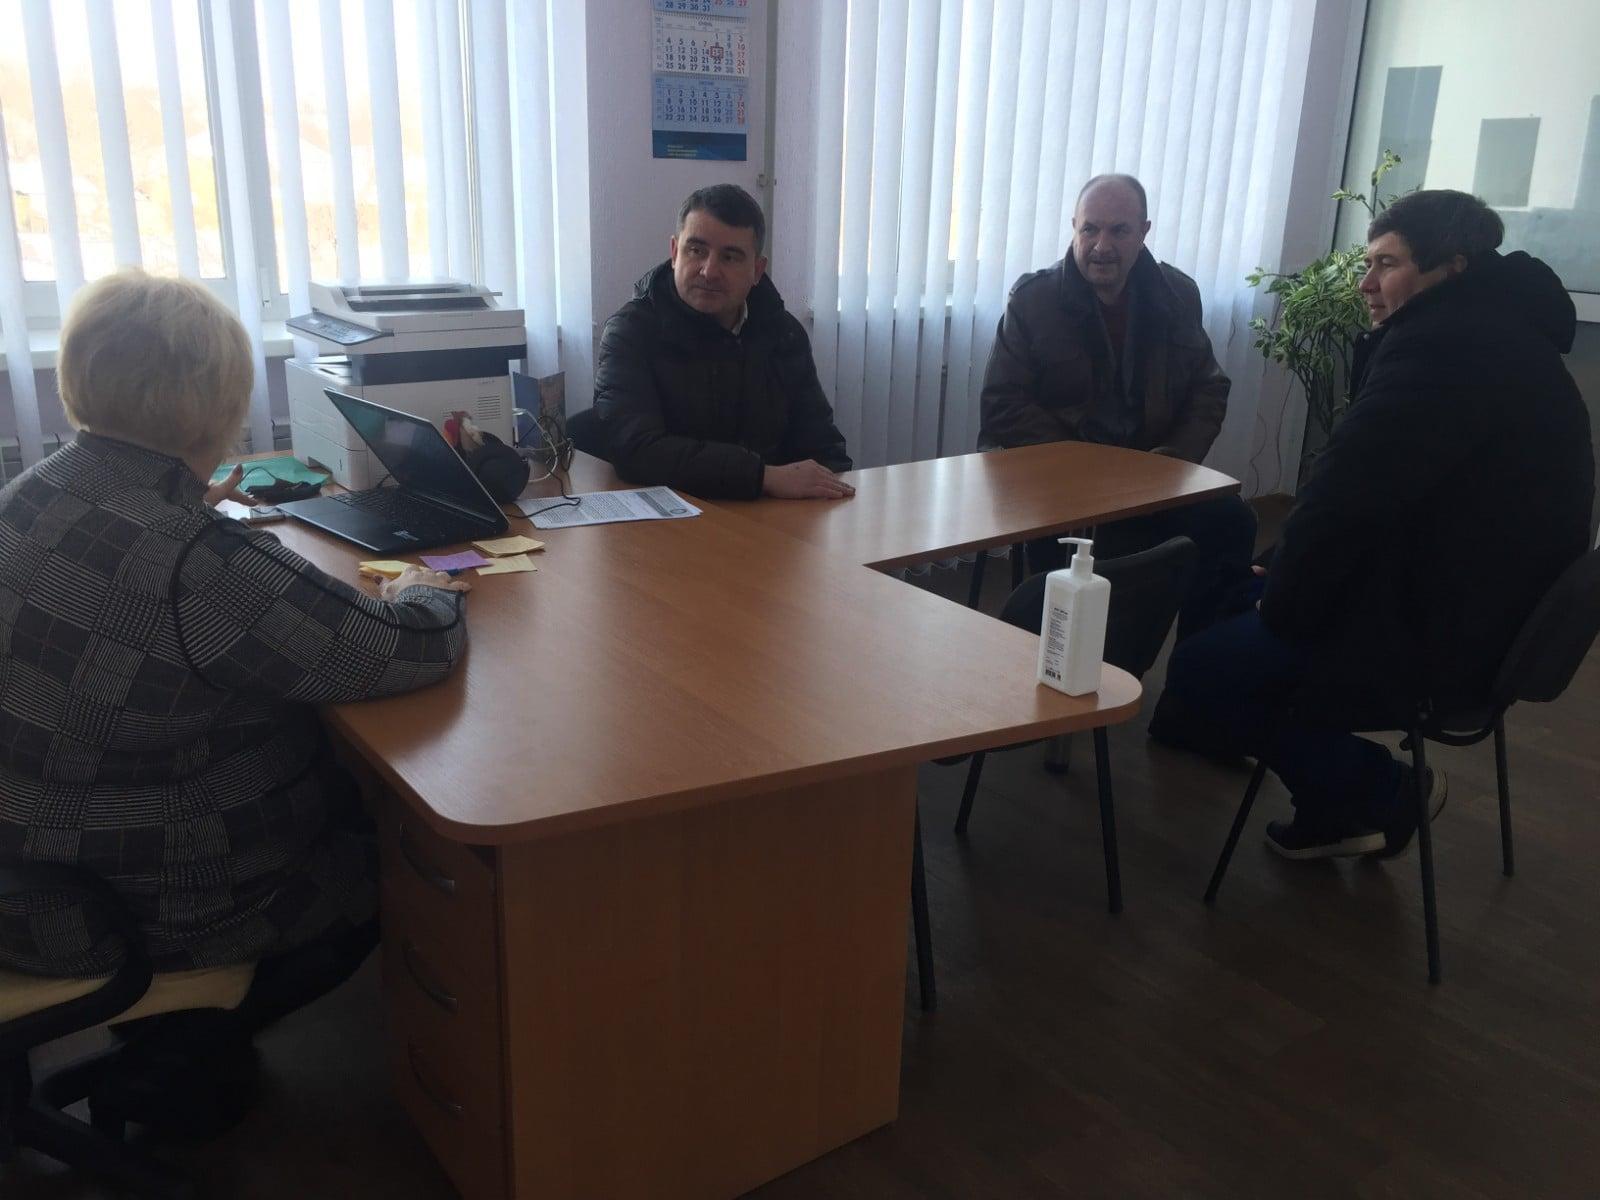 Міський голова Слов'янська Вадим Лях не надягнув маску у приміщенні